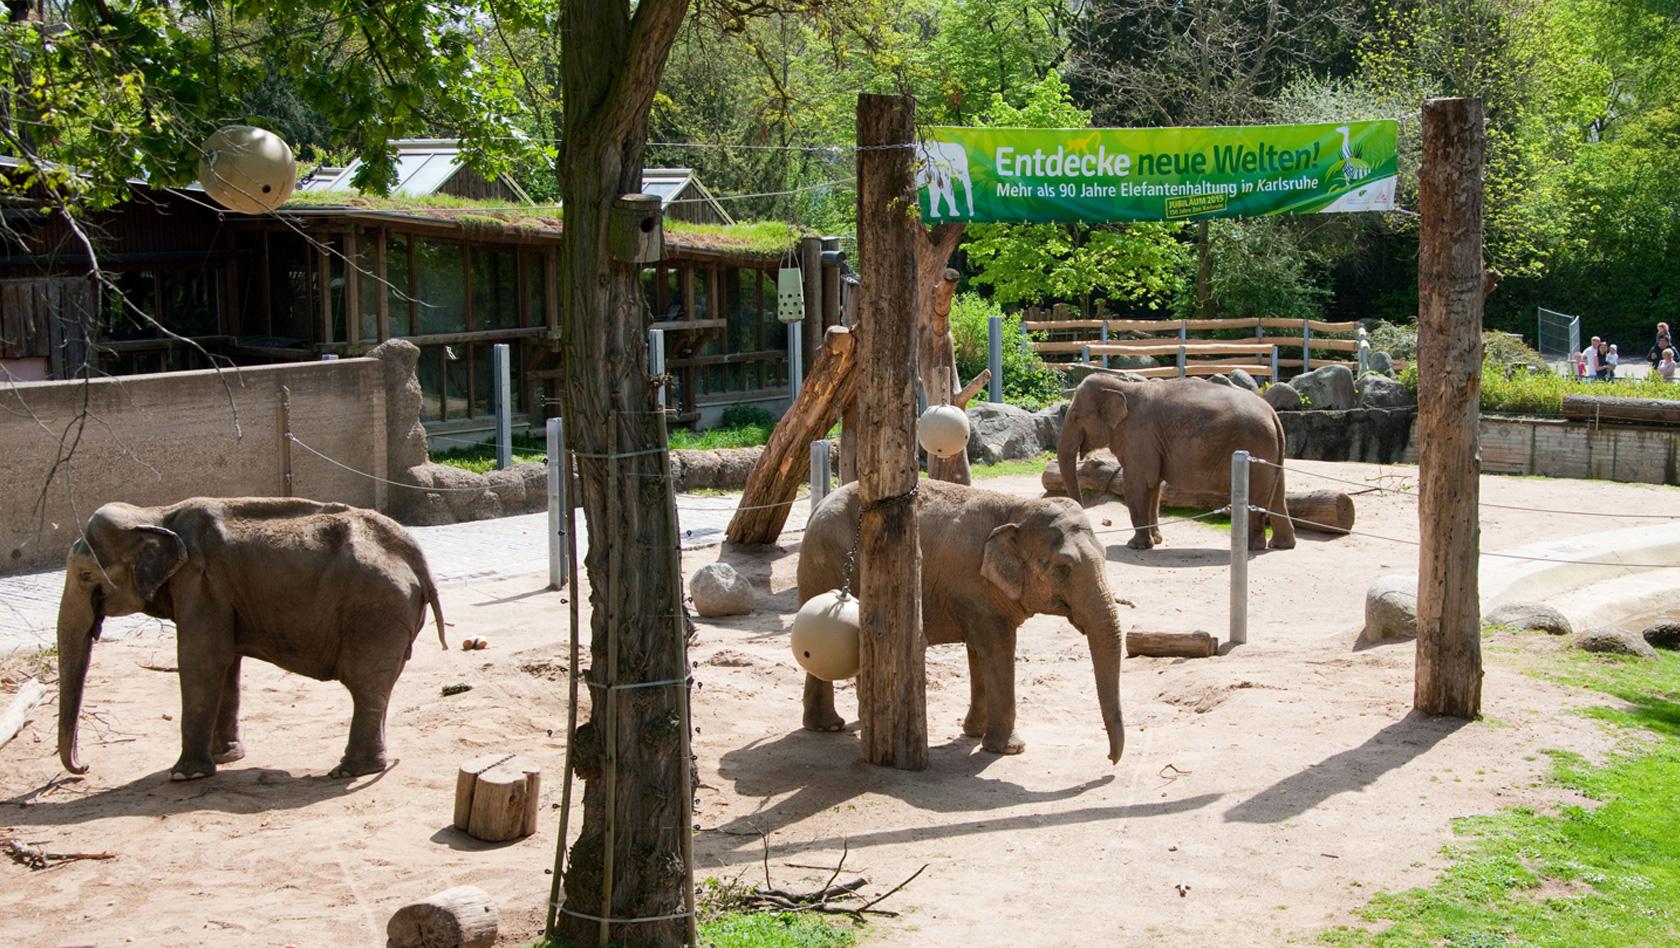 zoo karlsruhe feiert 60 elefanten geburtstag von rani. Black Bedroom Furniture Sets. Home Design Ideas